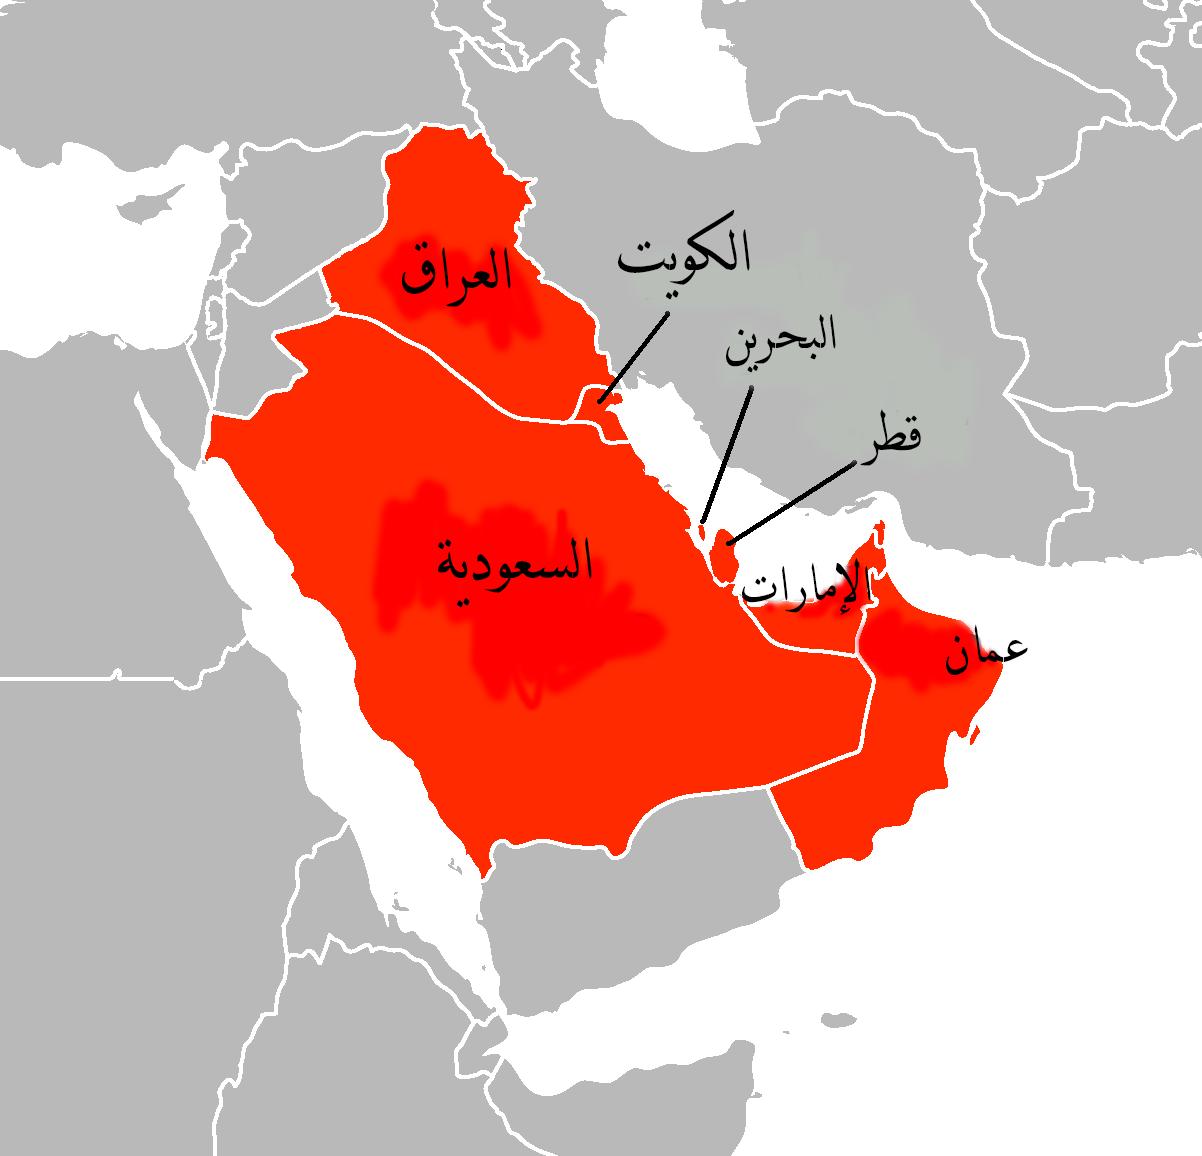 شرح قصيدة نحن في الخليج - كلام نيوز